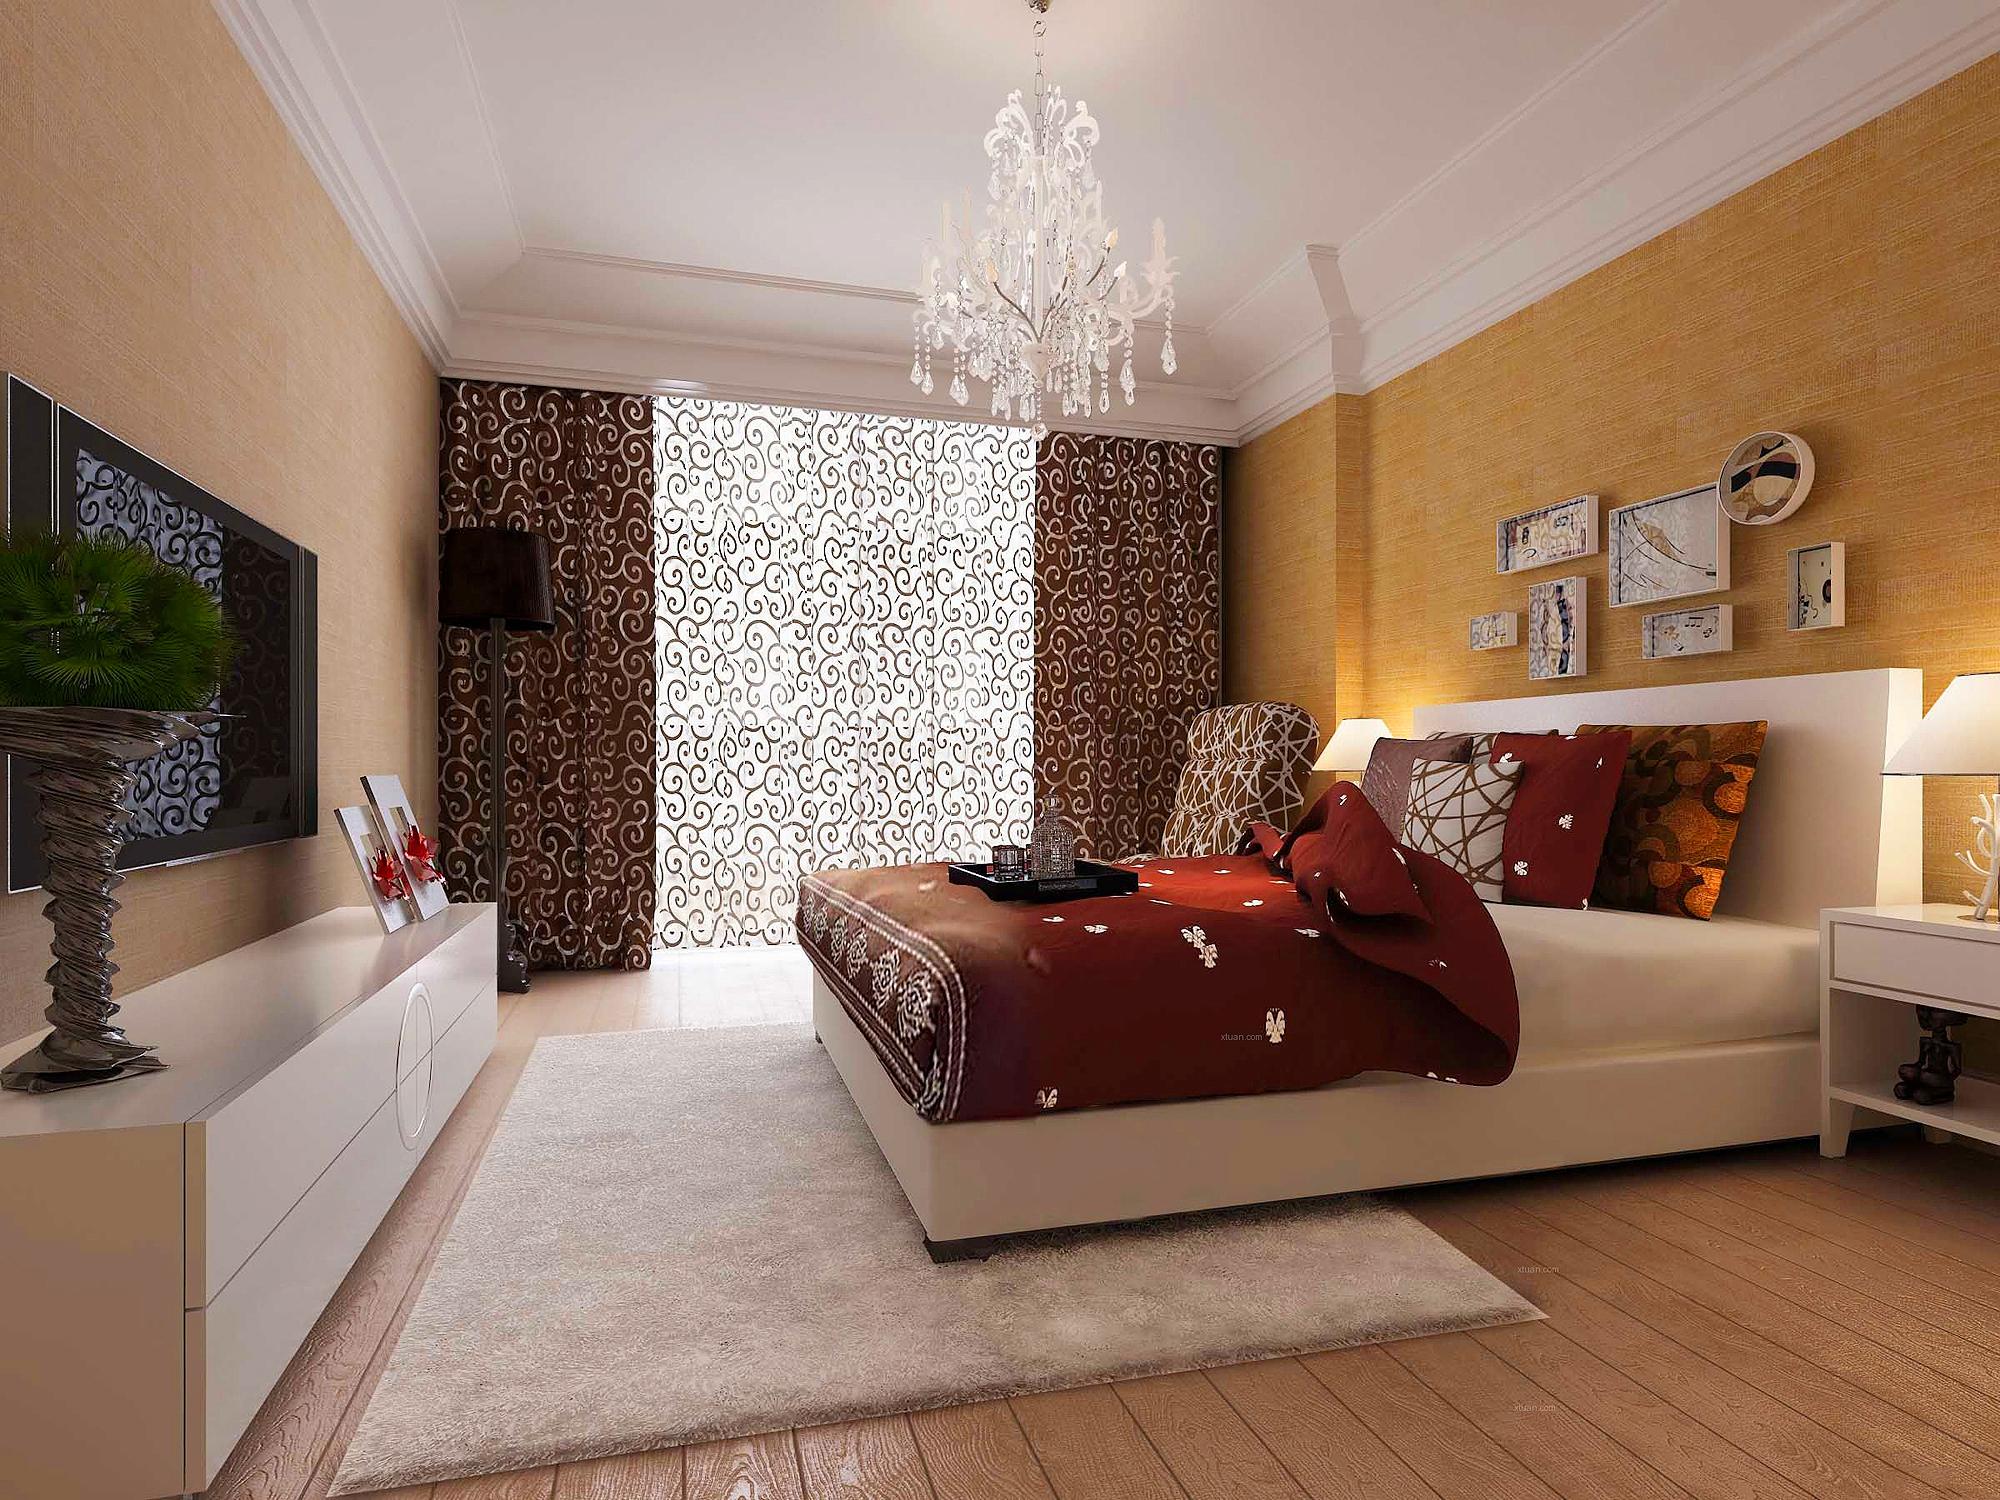 现代时尚白色 地毯 卧室 效果图 3d模型下载 3d